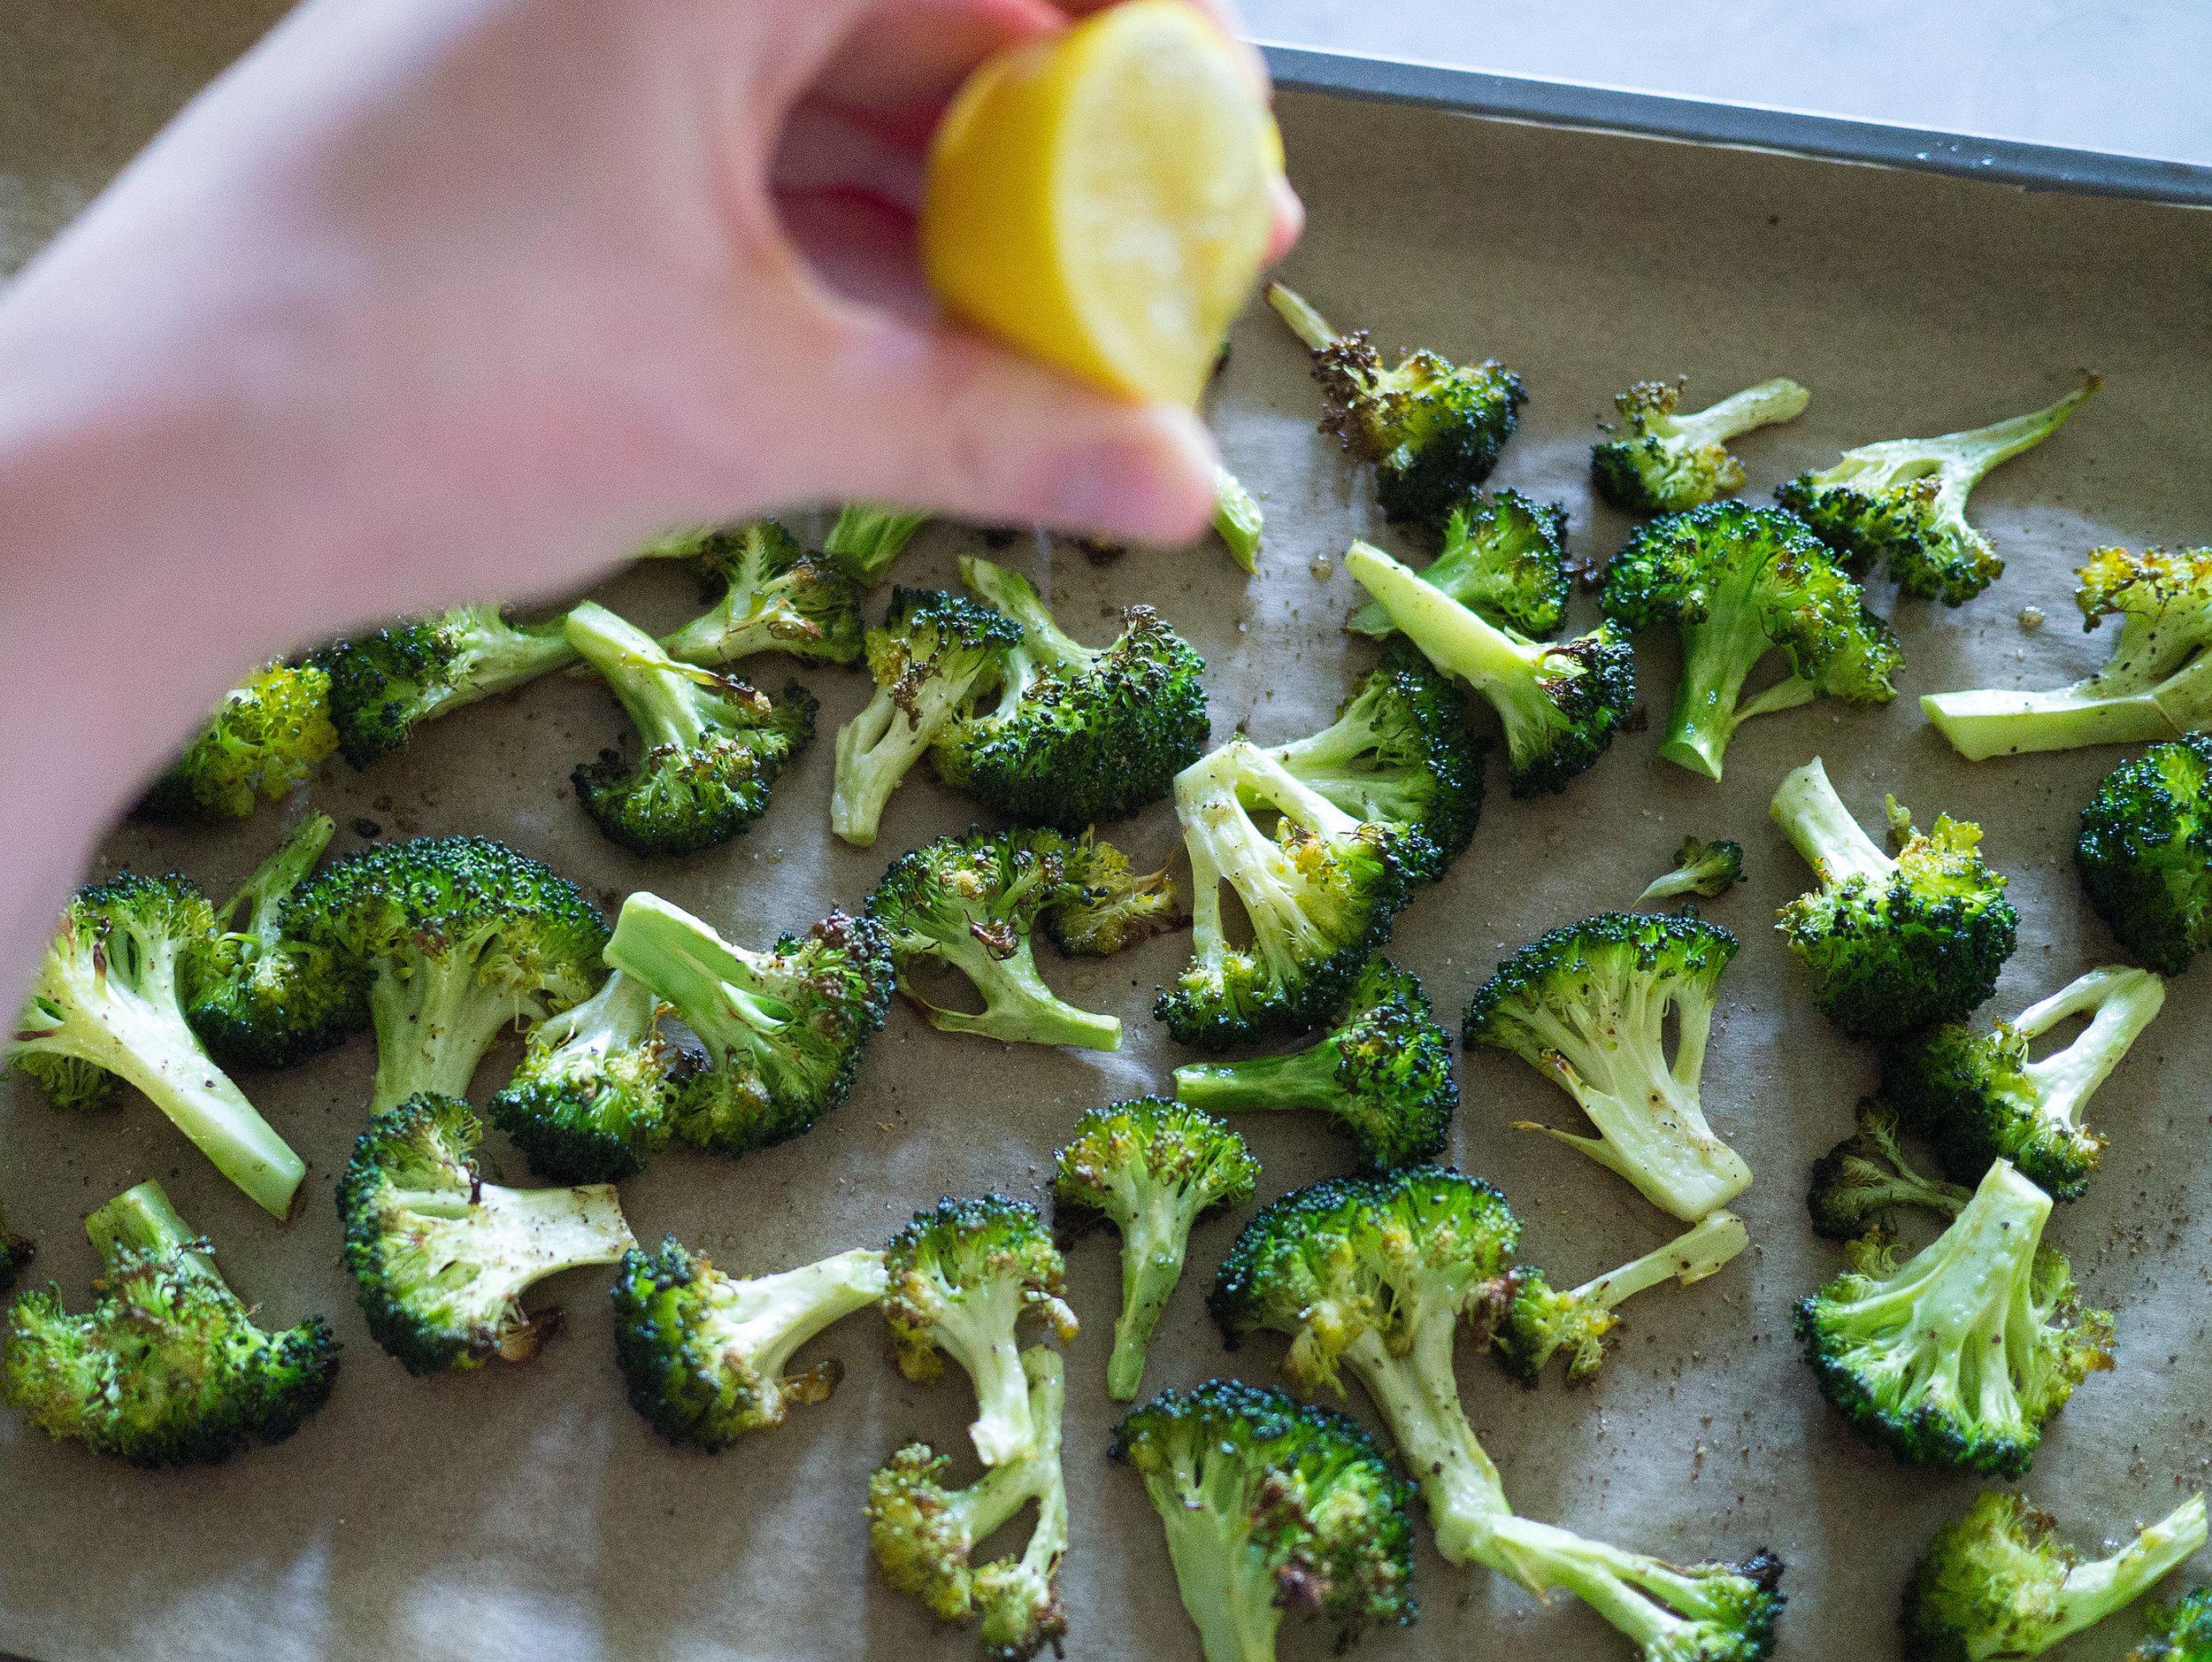 lemon-broccoli-03.jpg